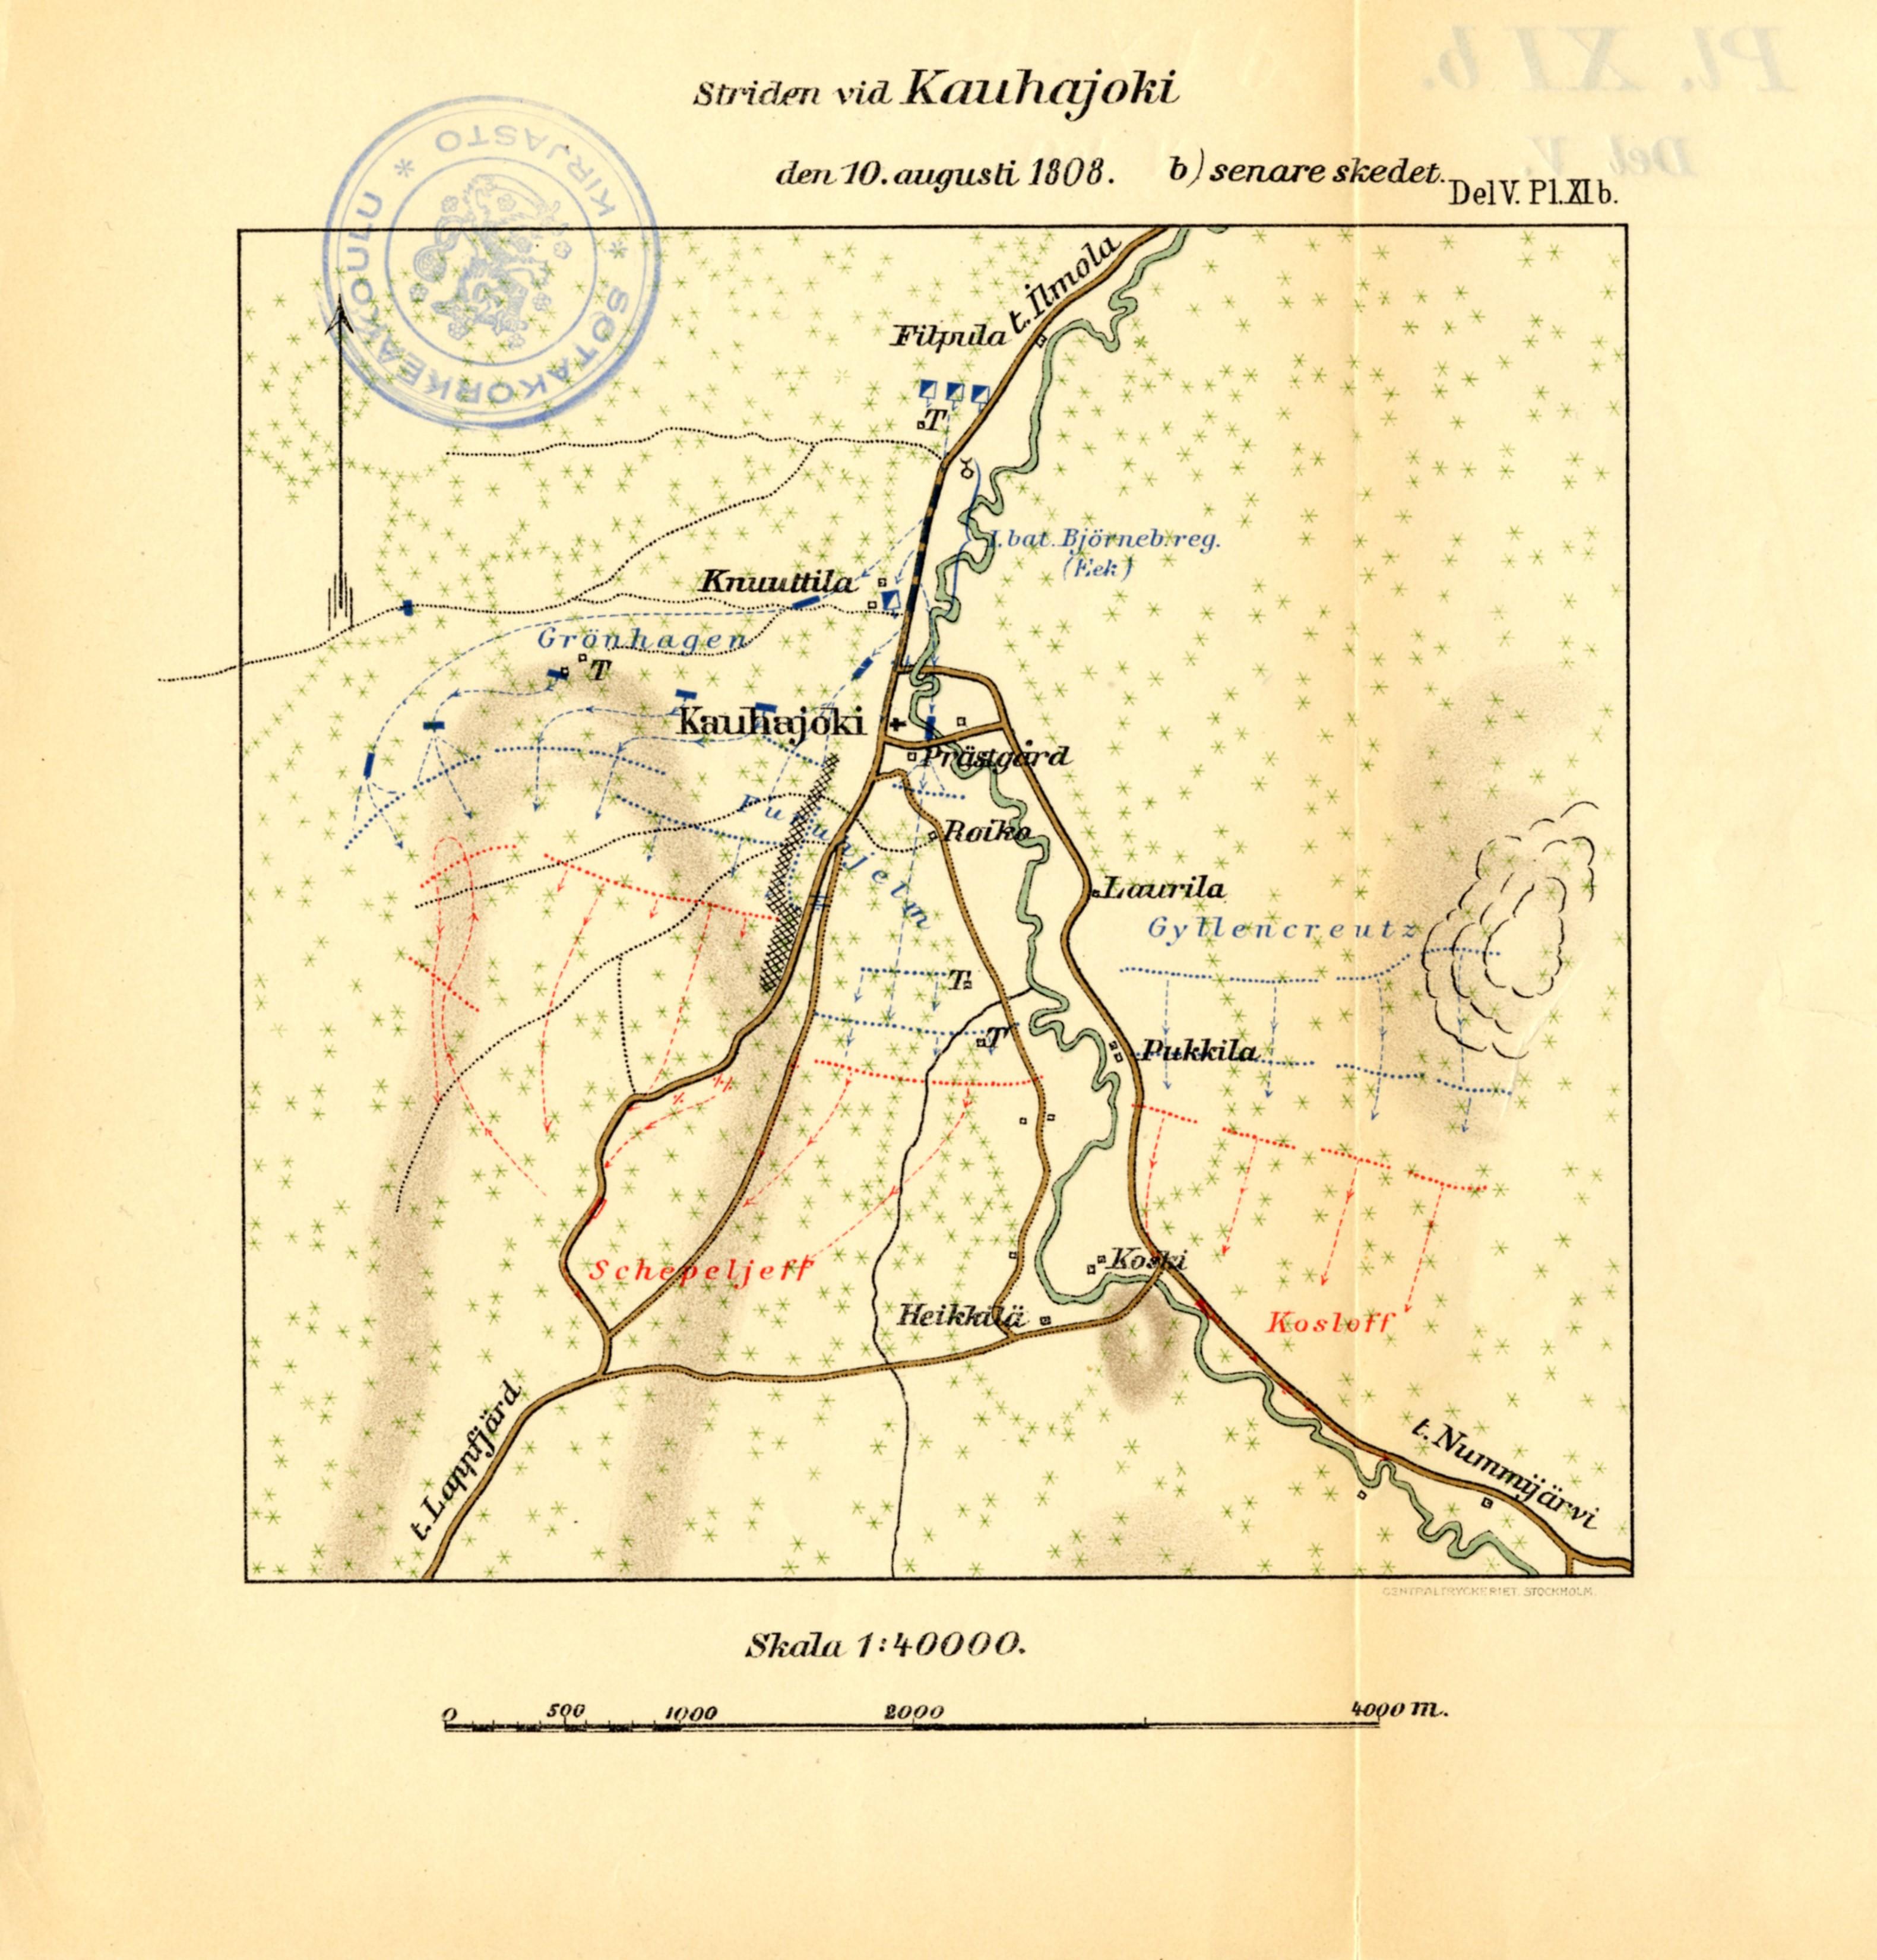 Kauhajoen Taistelu 10 8 1808 Kartta Jyx Expo